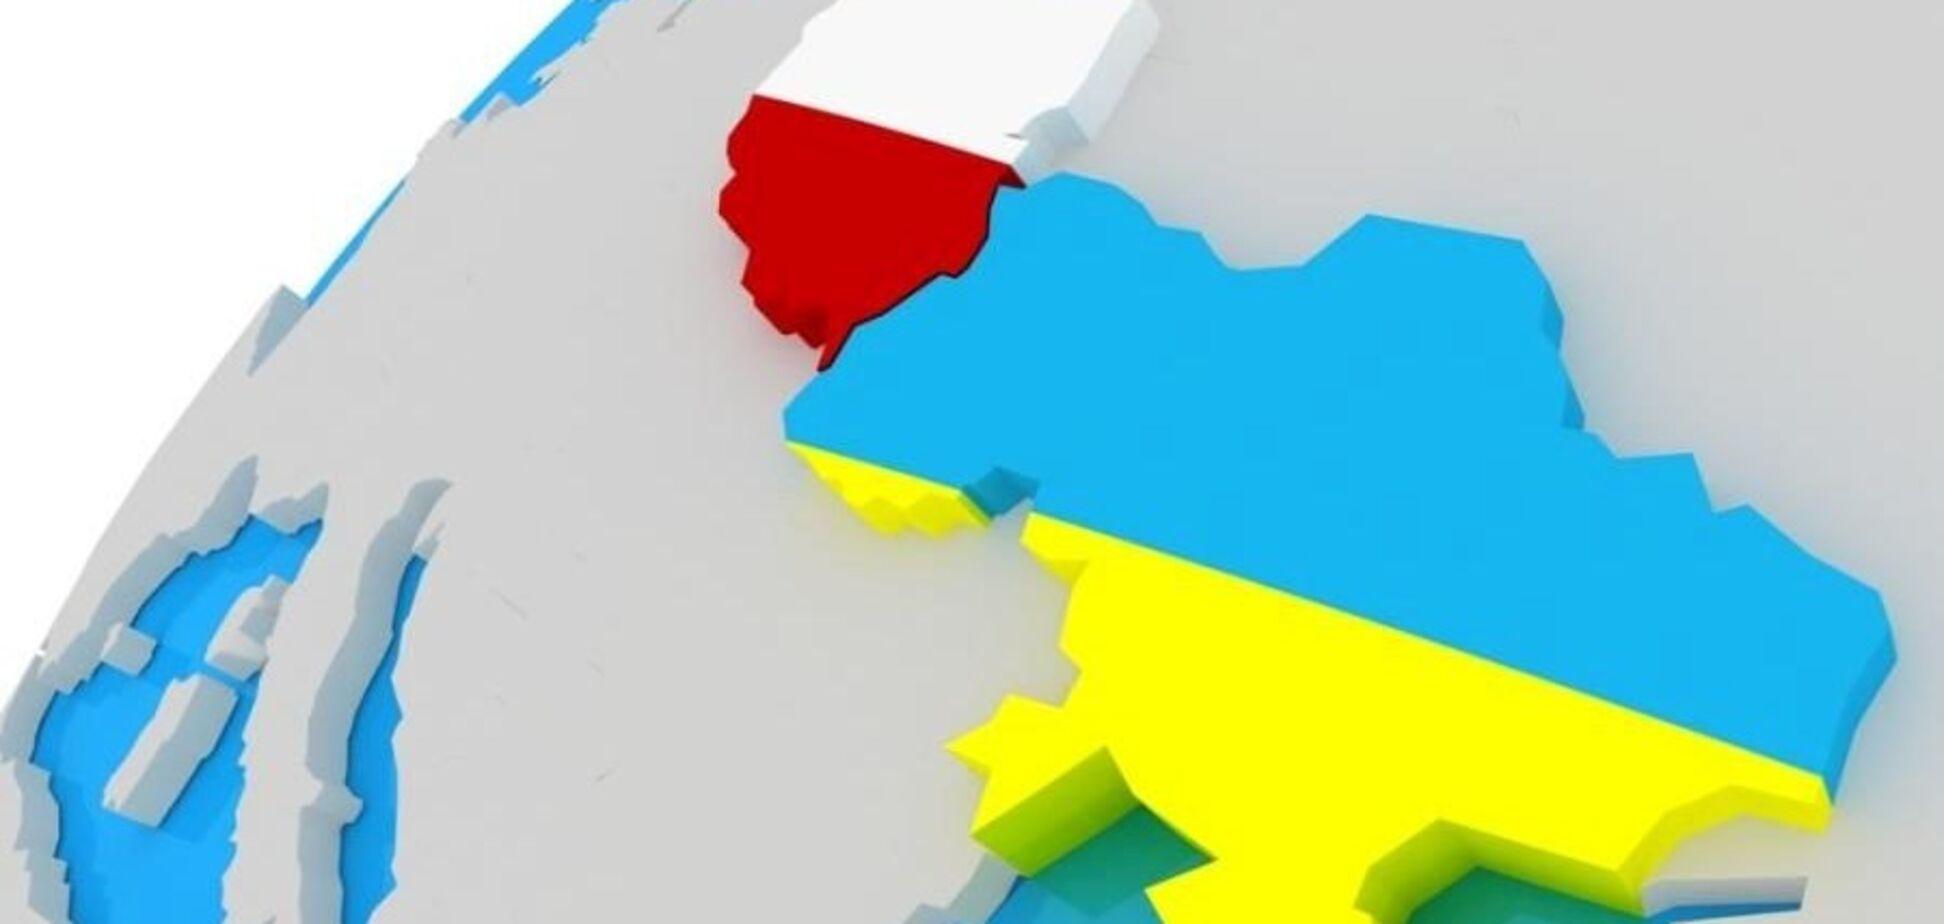 ''Вызывает отвращение'': украинский дипломат разозлил власть Польши